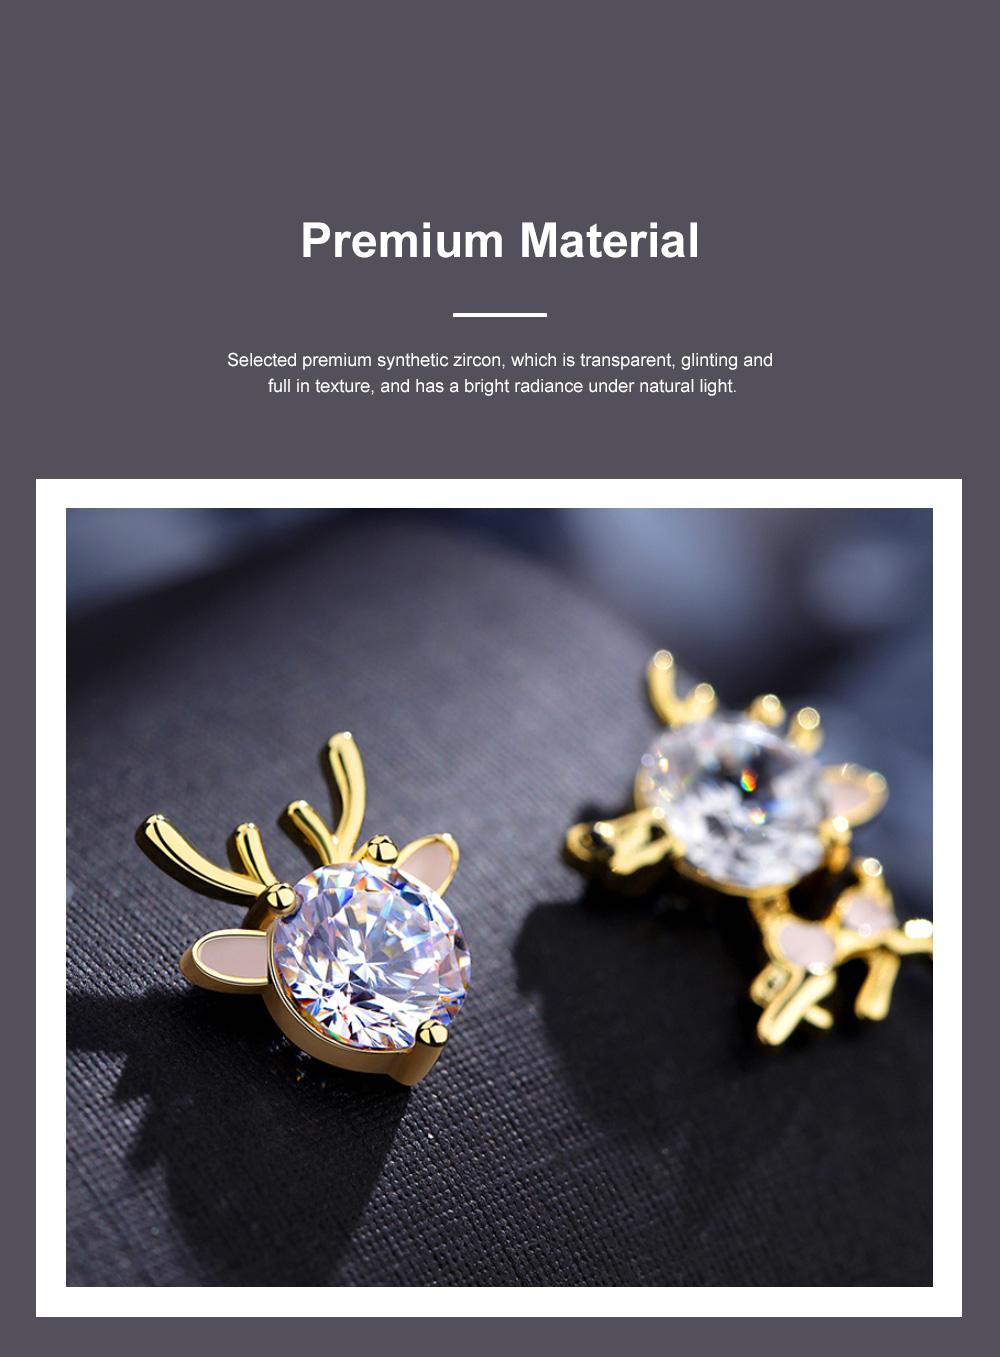 Cute Reindeer Earrings Studs for Women Asymmetrical Elk Stud Earrings Delicate 925 Silver Jewelry Earring Girls Gift 2